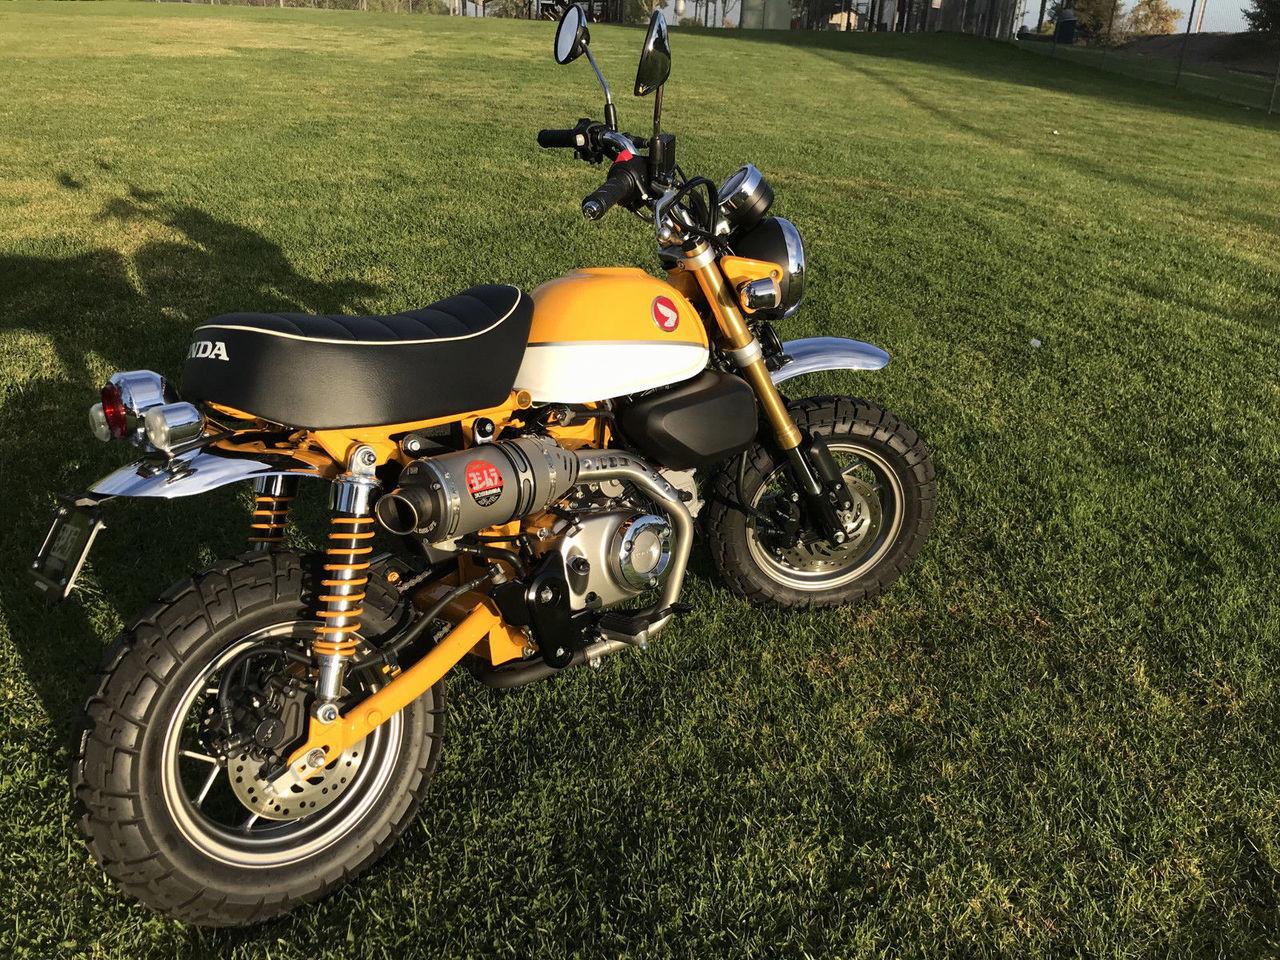 Yoshimura Exhaust Rs3 Slip On System Honda Monkey 125 12130b5500